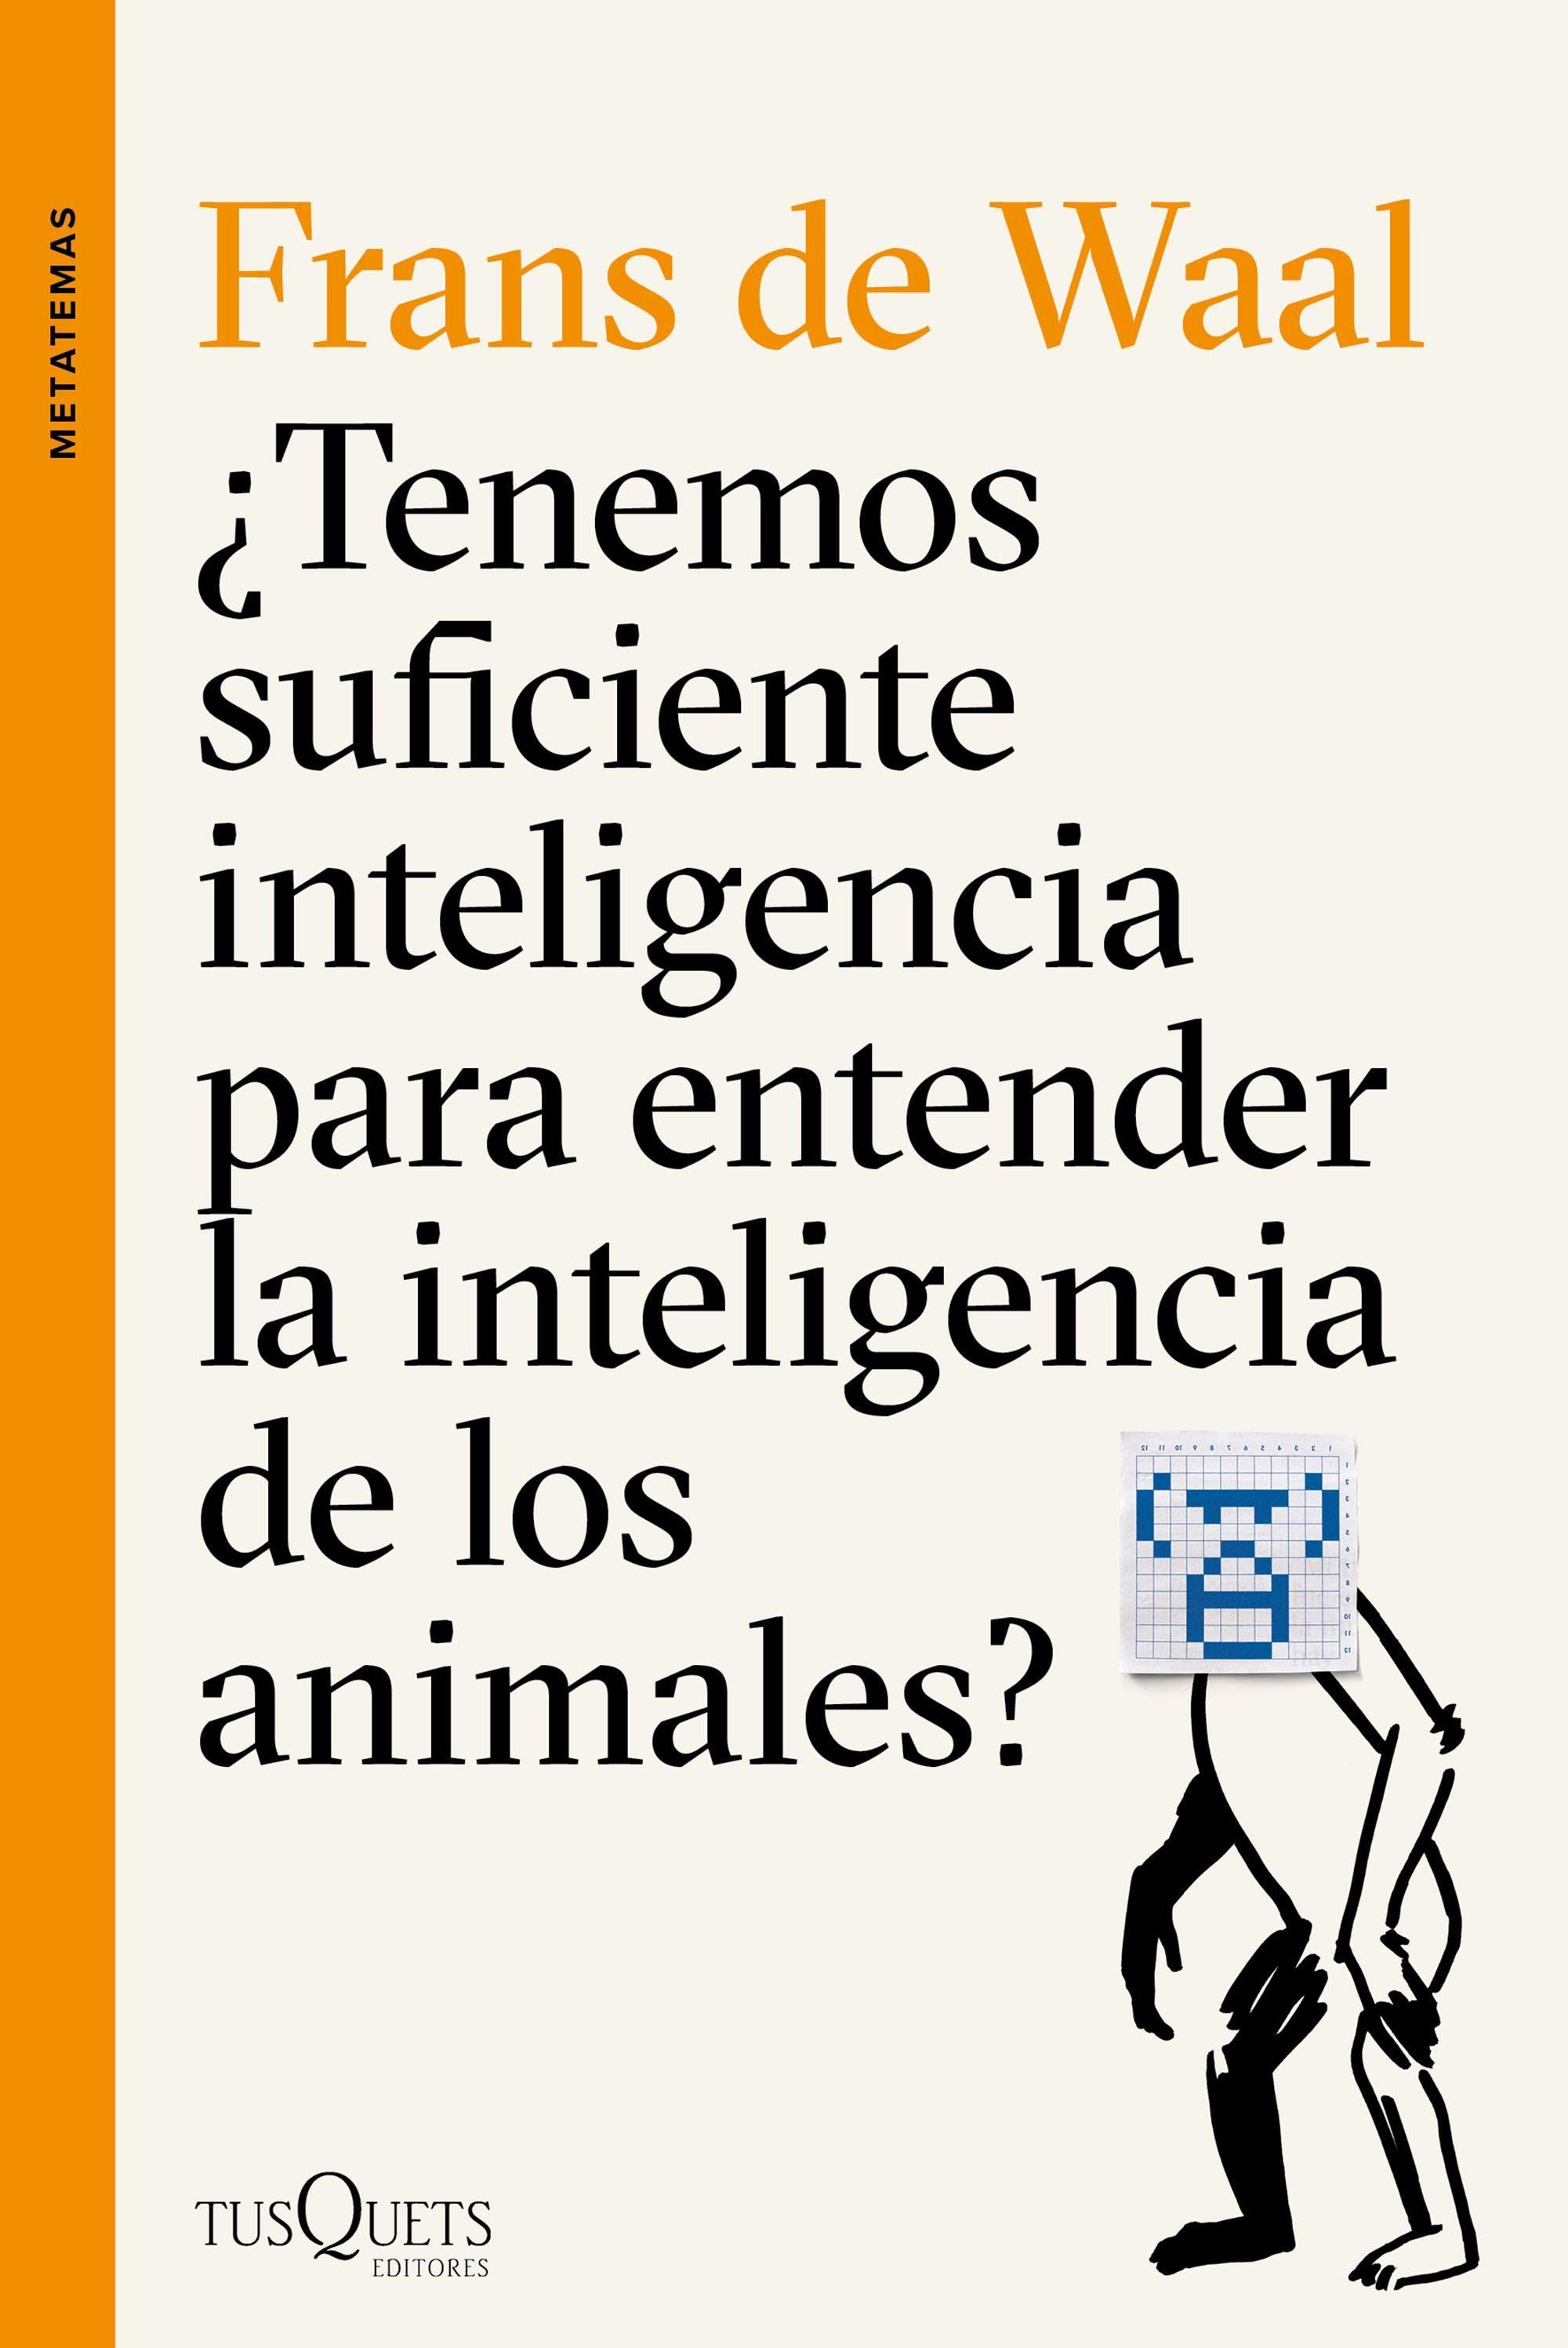 tenemos suficiente inteligencia para entender la inteligencia de los animales frans de waal